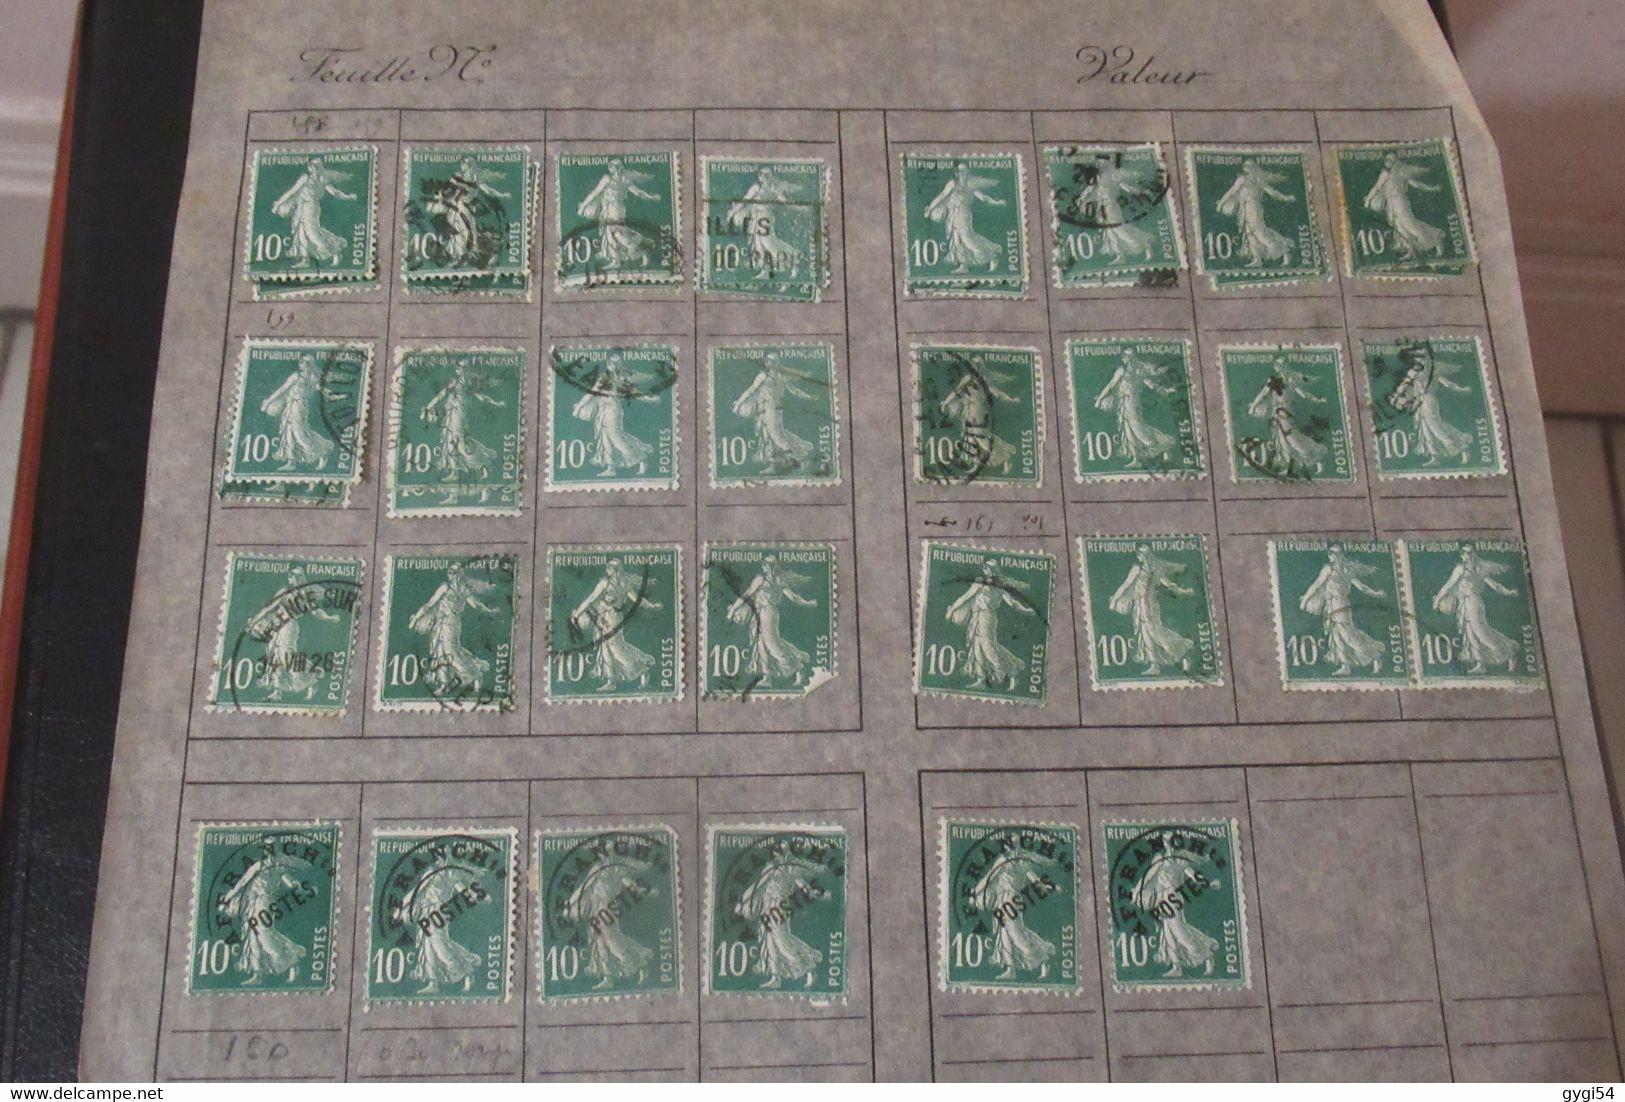 VRAC DE FRANCE Et Lot De Perse  96 Scans Forte Cote - Lots & Kiloware (mixtures) - Min. 1000 Stamps